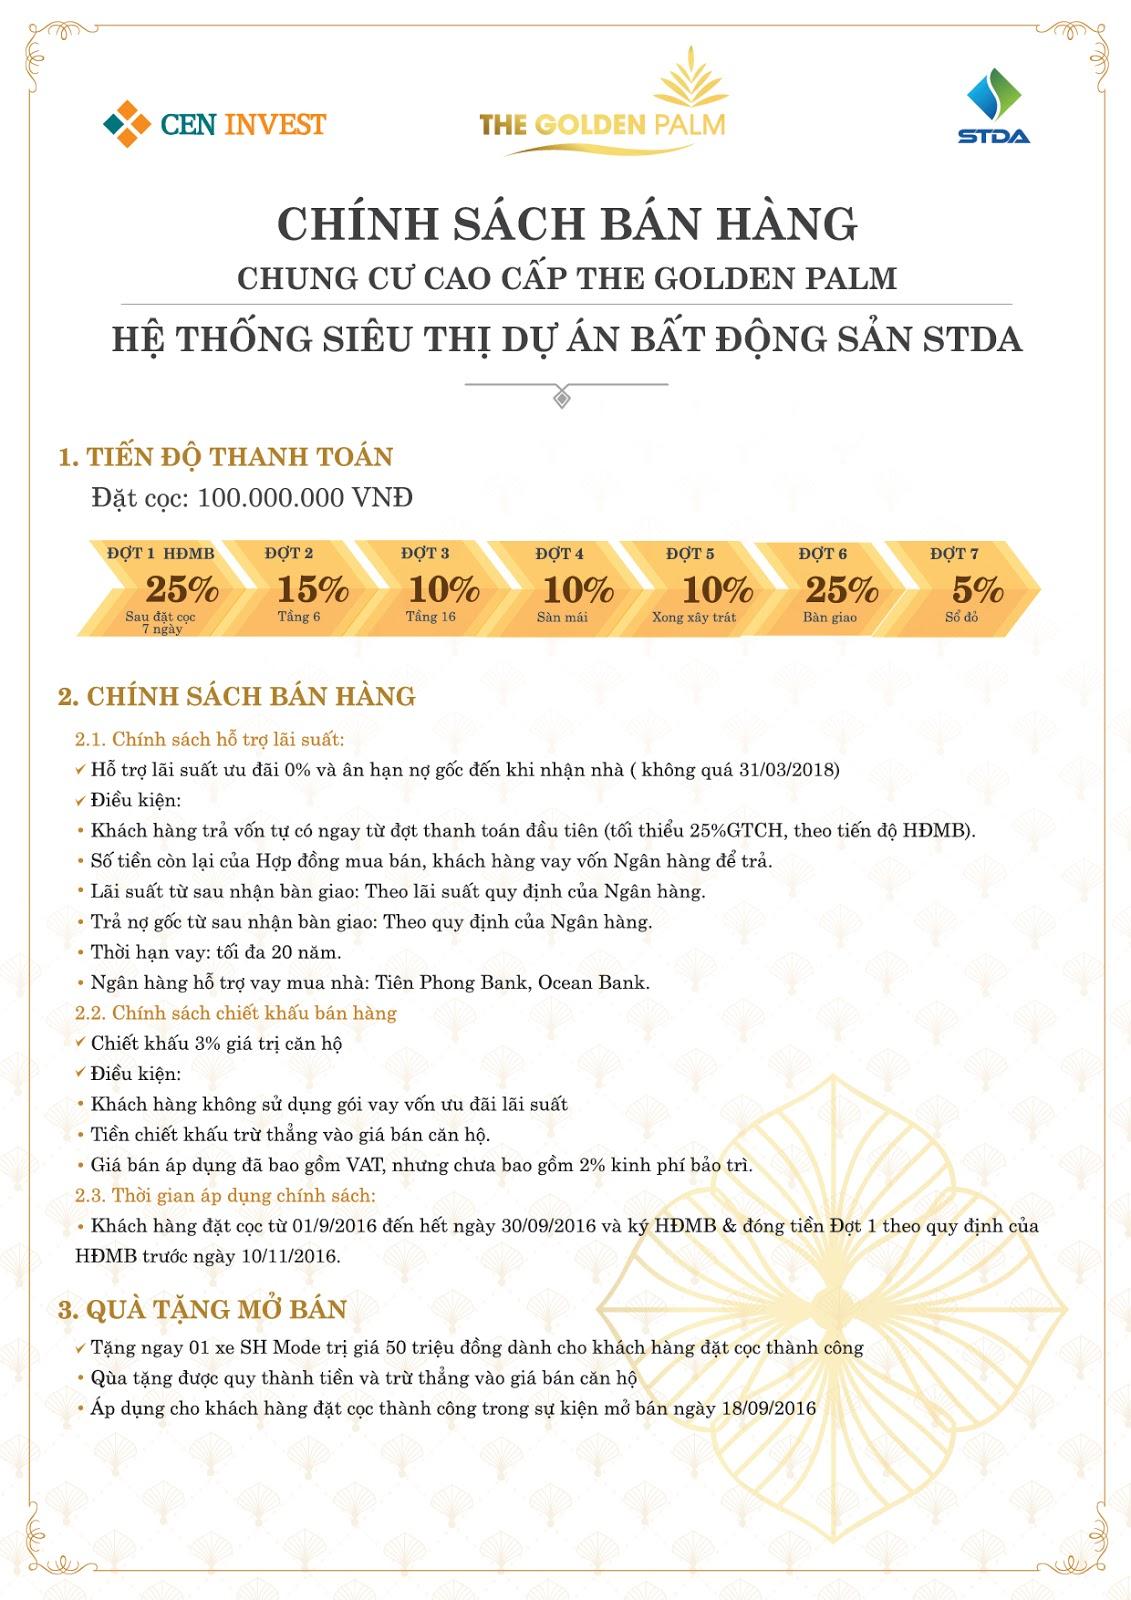 Chính sách bán hàng và ưu đãi cho khách hàng tại chung cư The Golden Palm